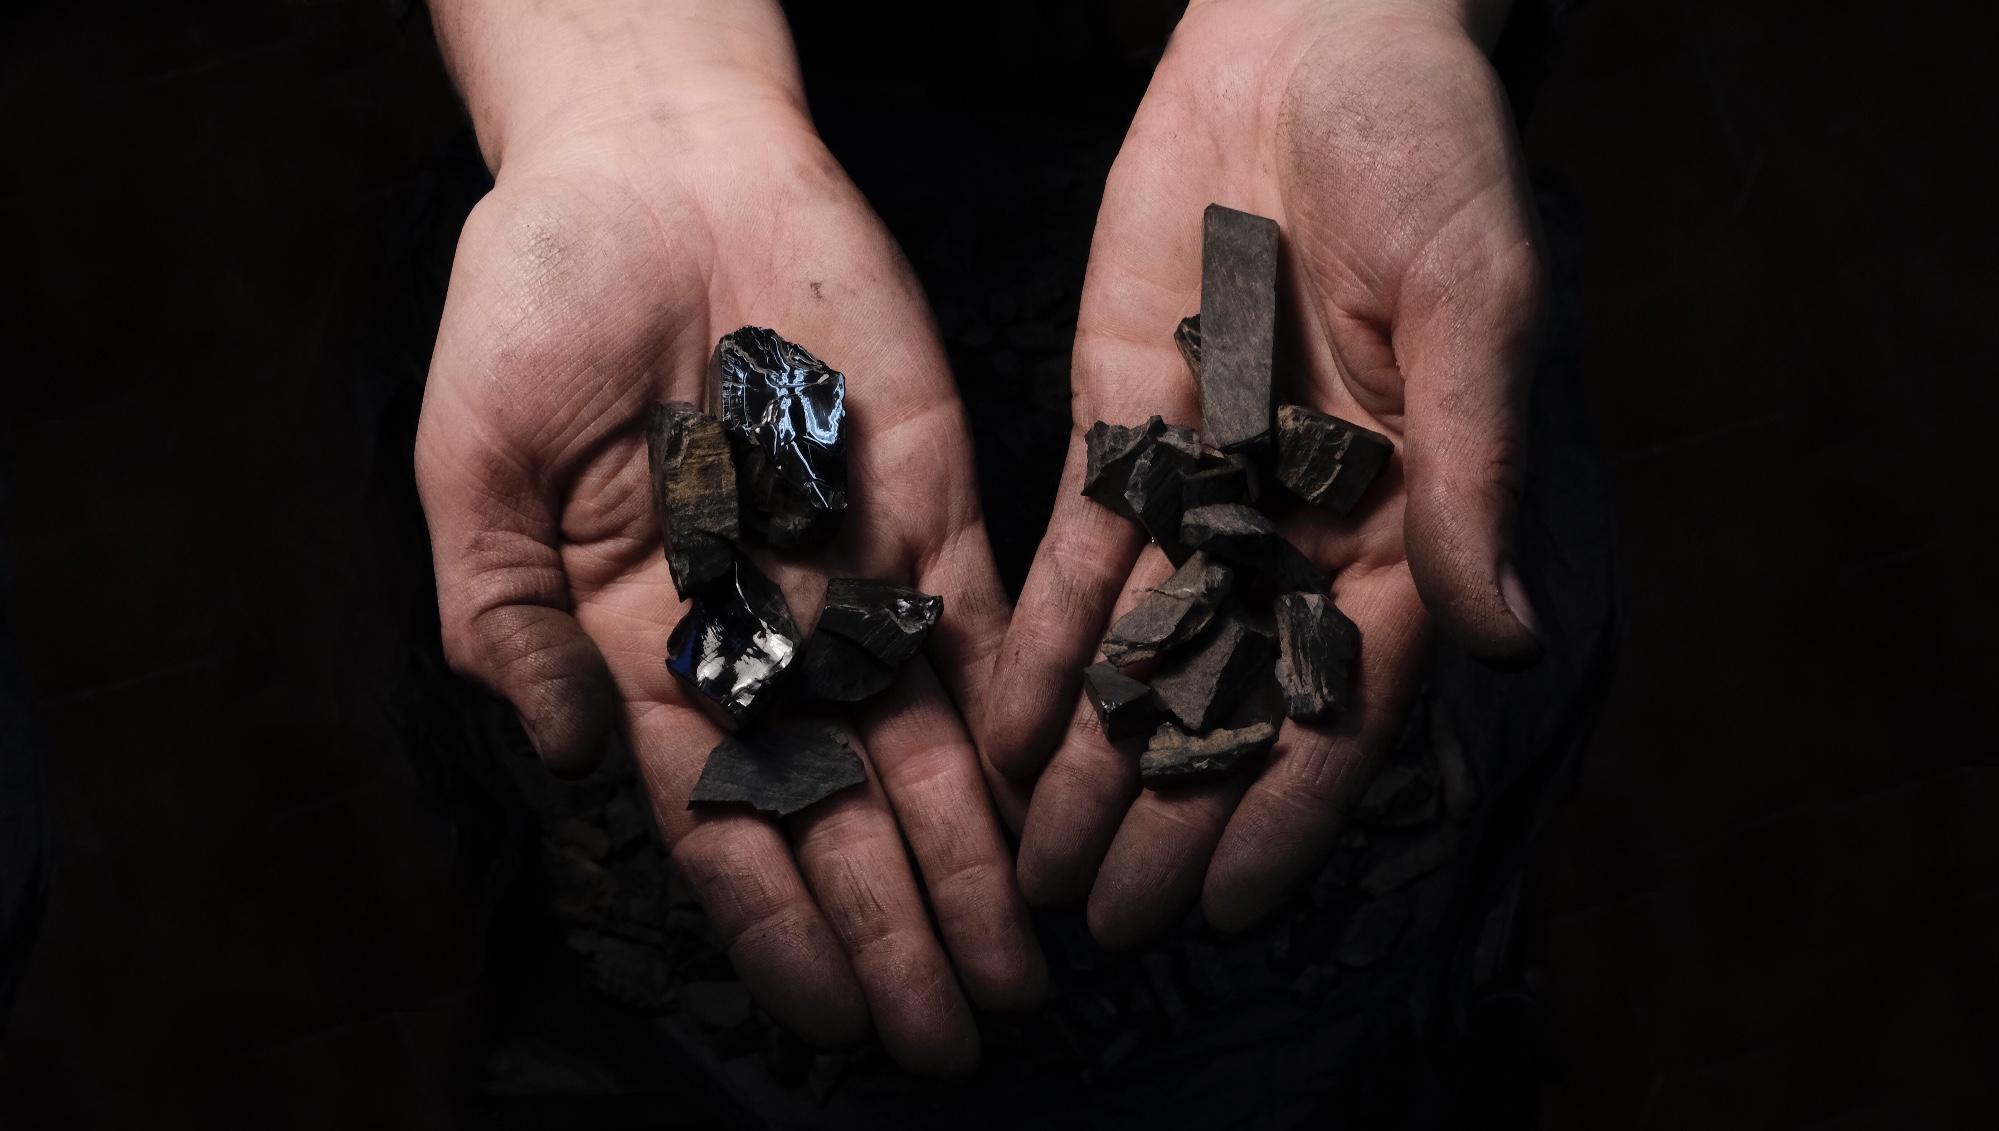 manos manchadas por el pulido de joyas en la orfebrería con trozos de azabache asturiano en bruto